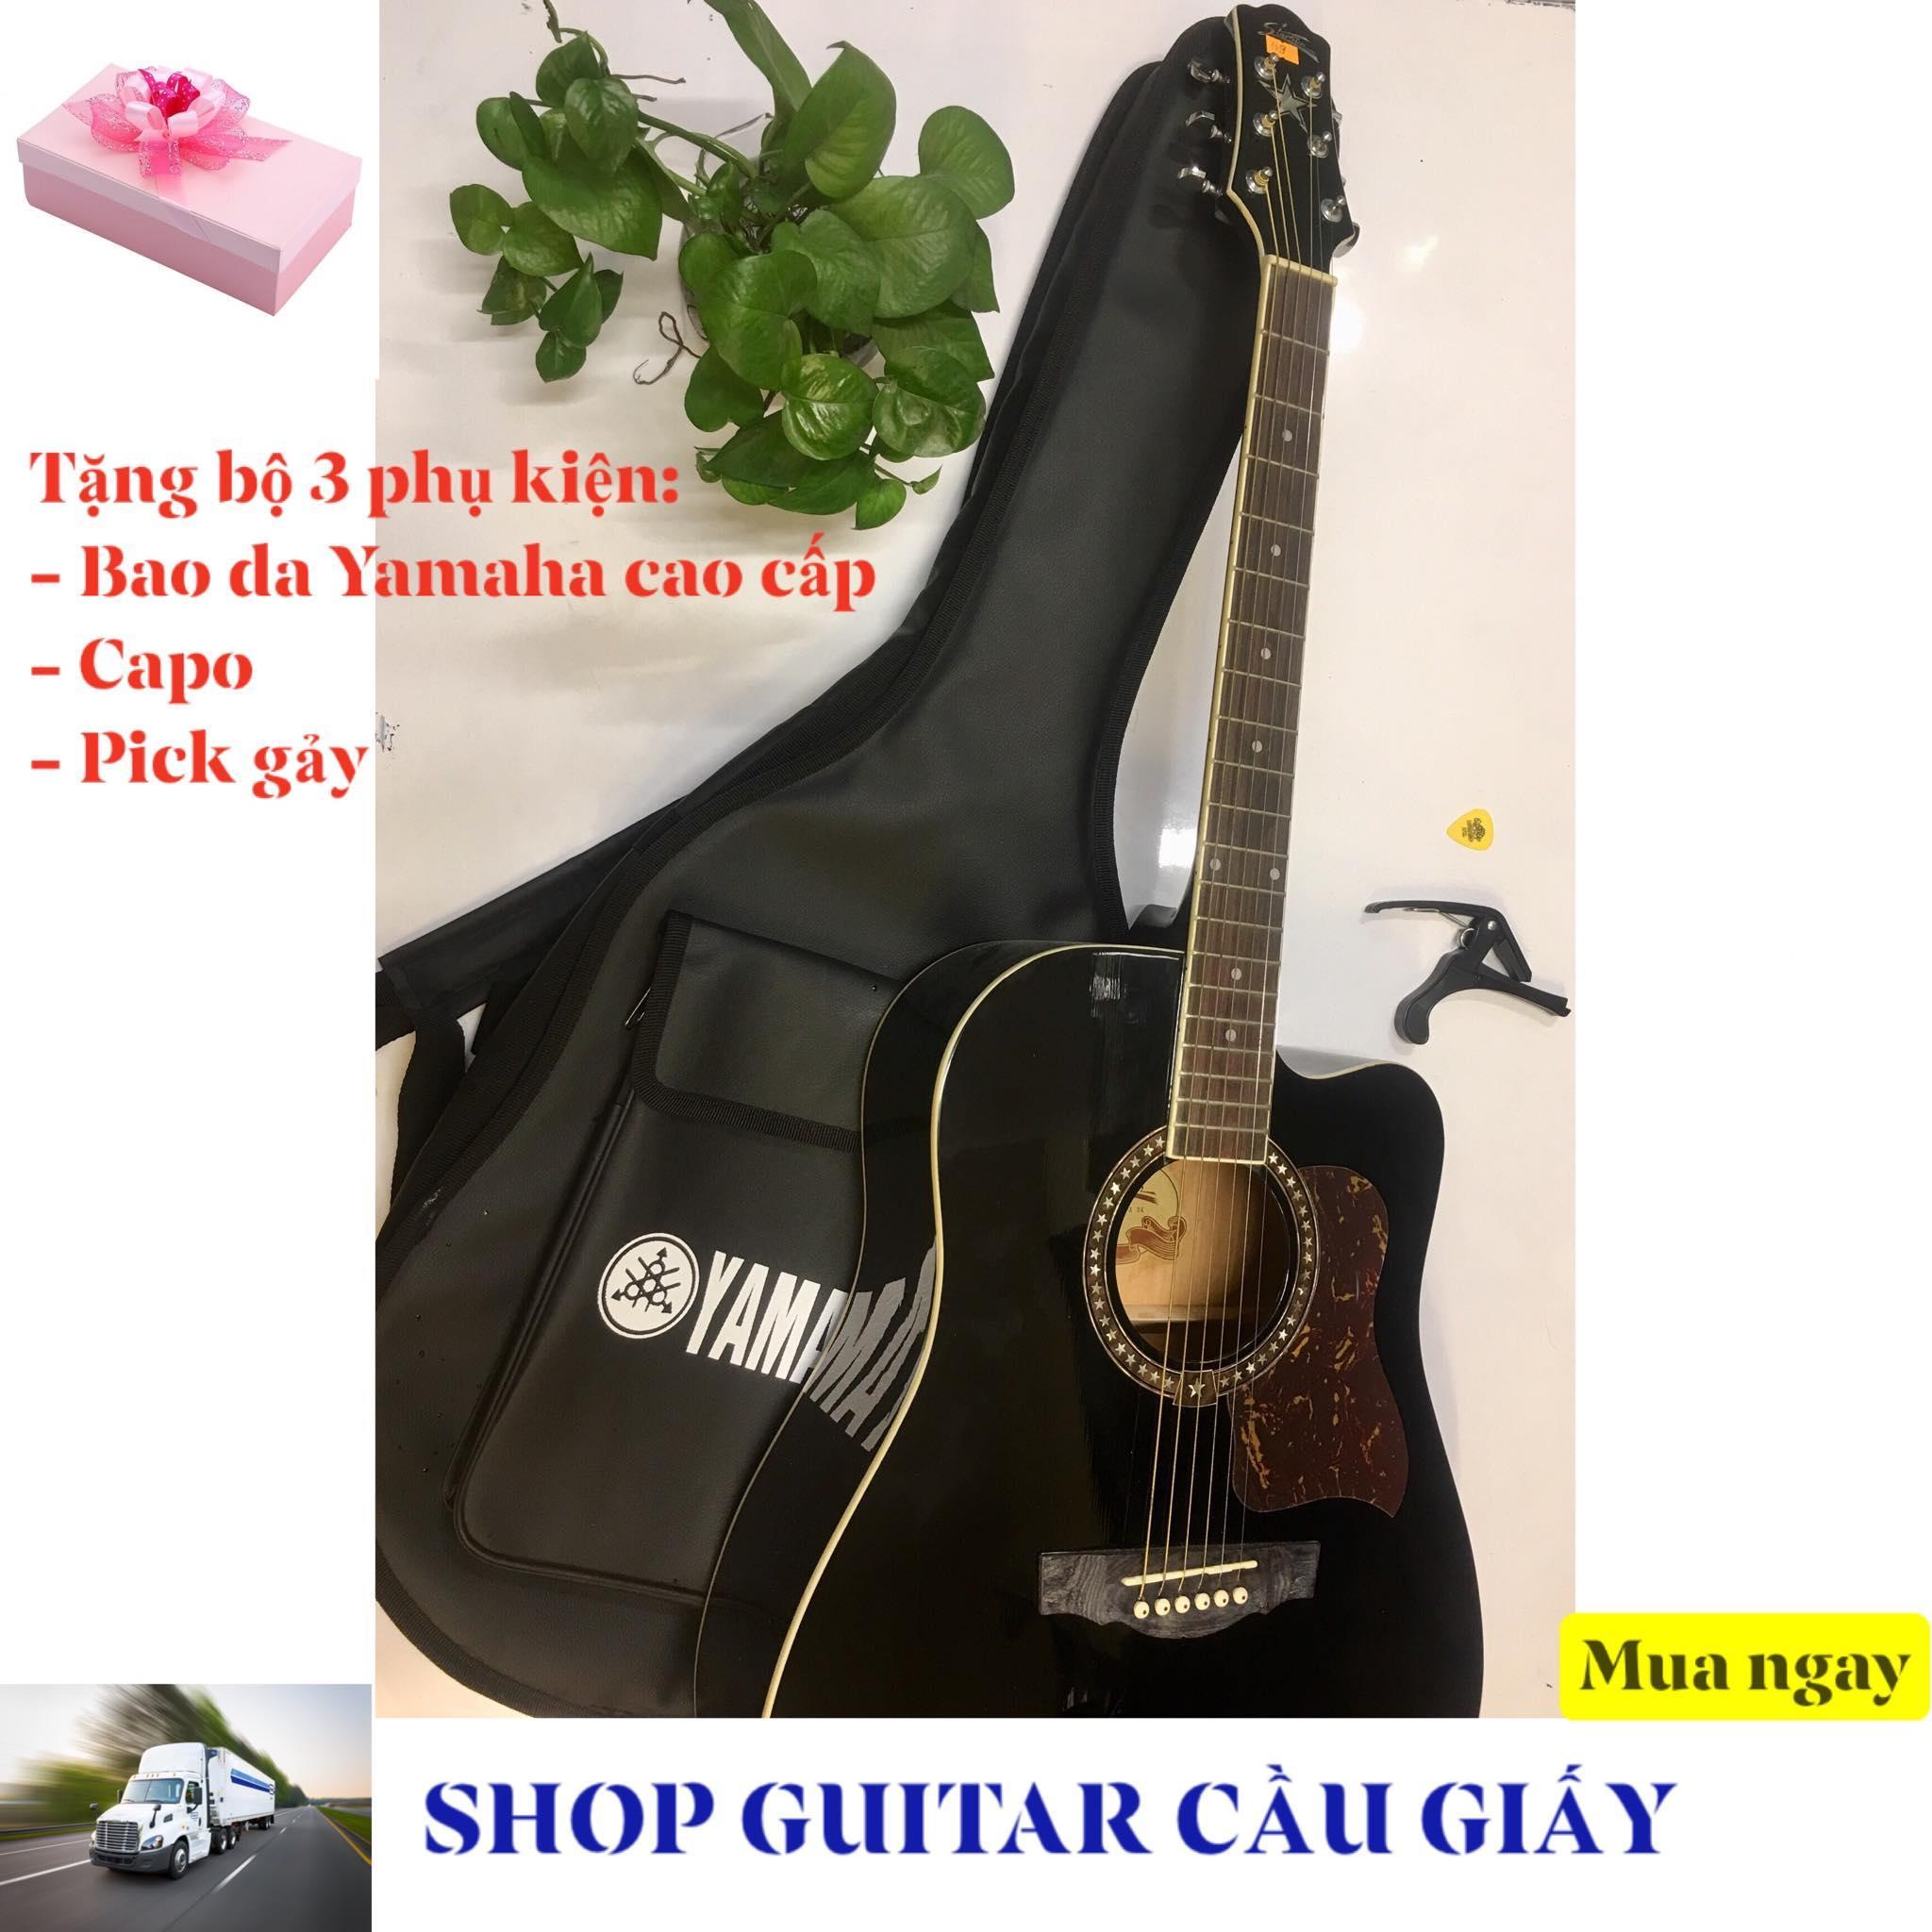 Đàn Guitar Starsun đen + Tặng bộ 3 phụ kiện